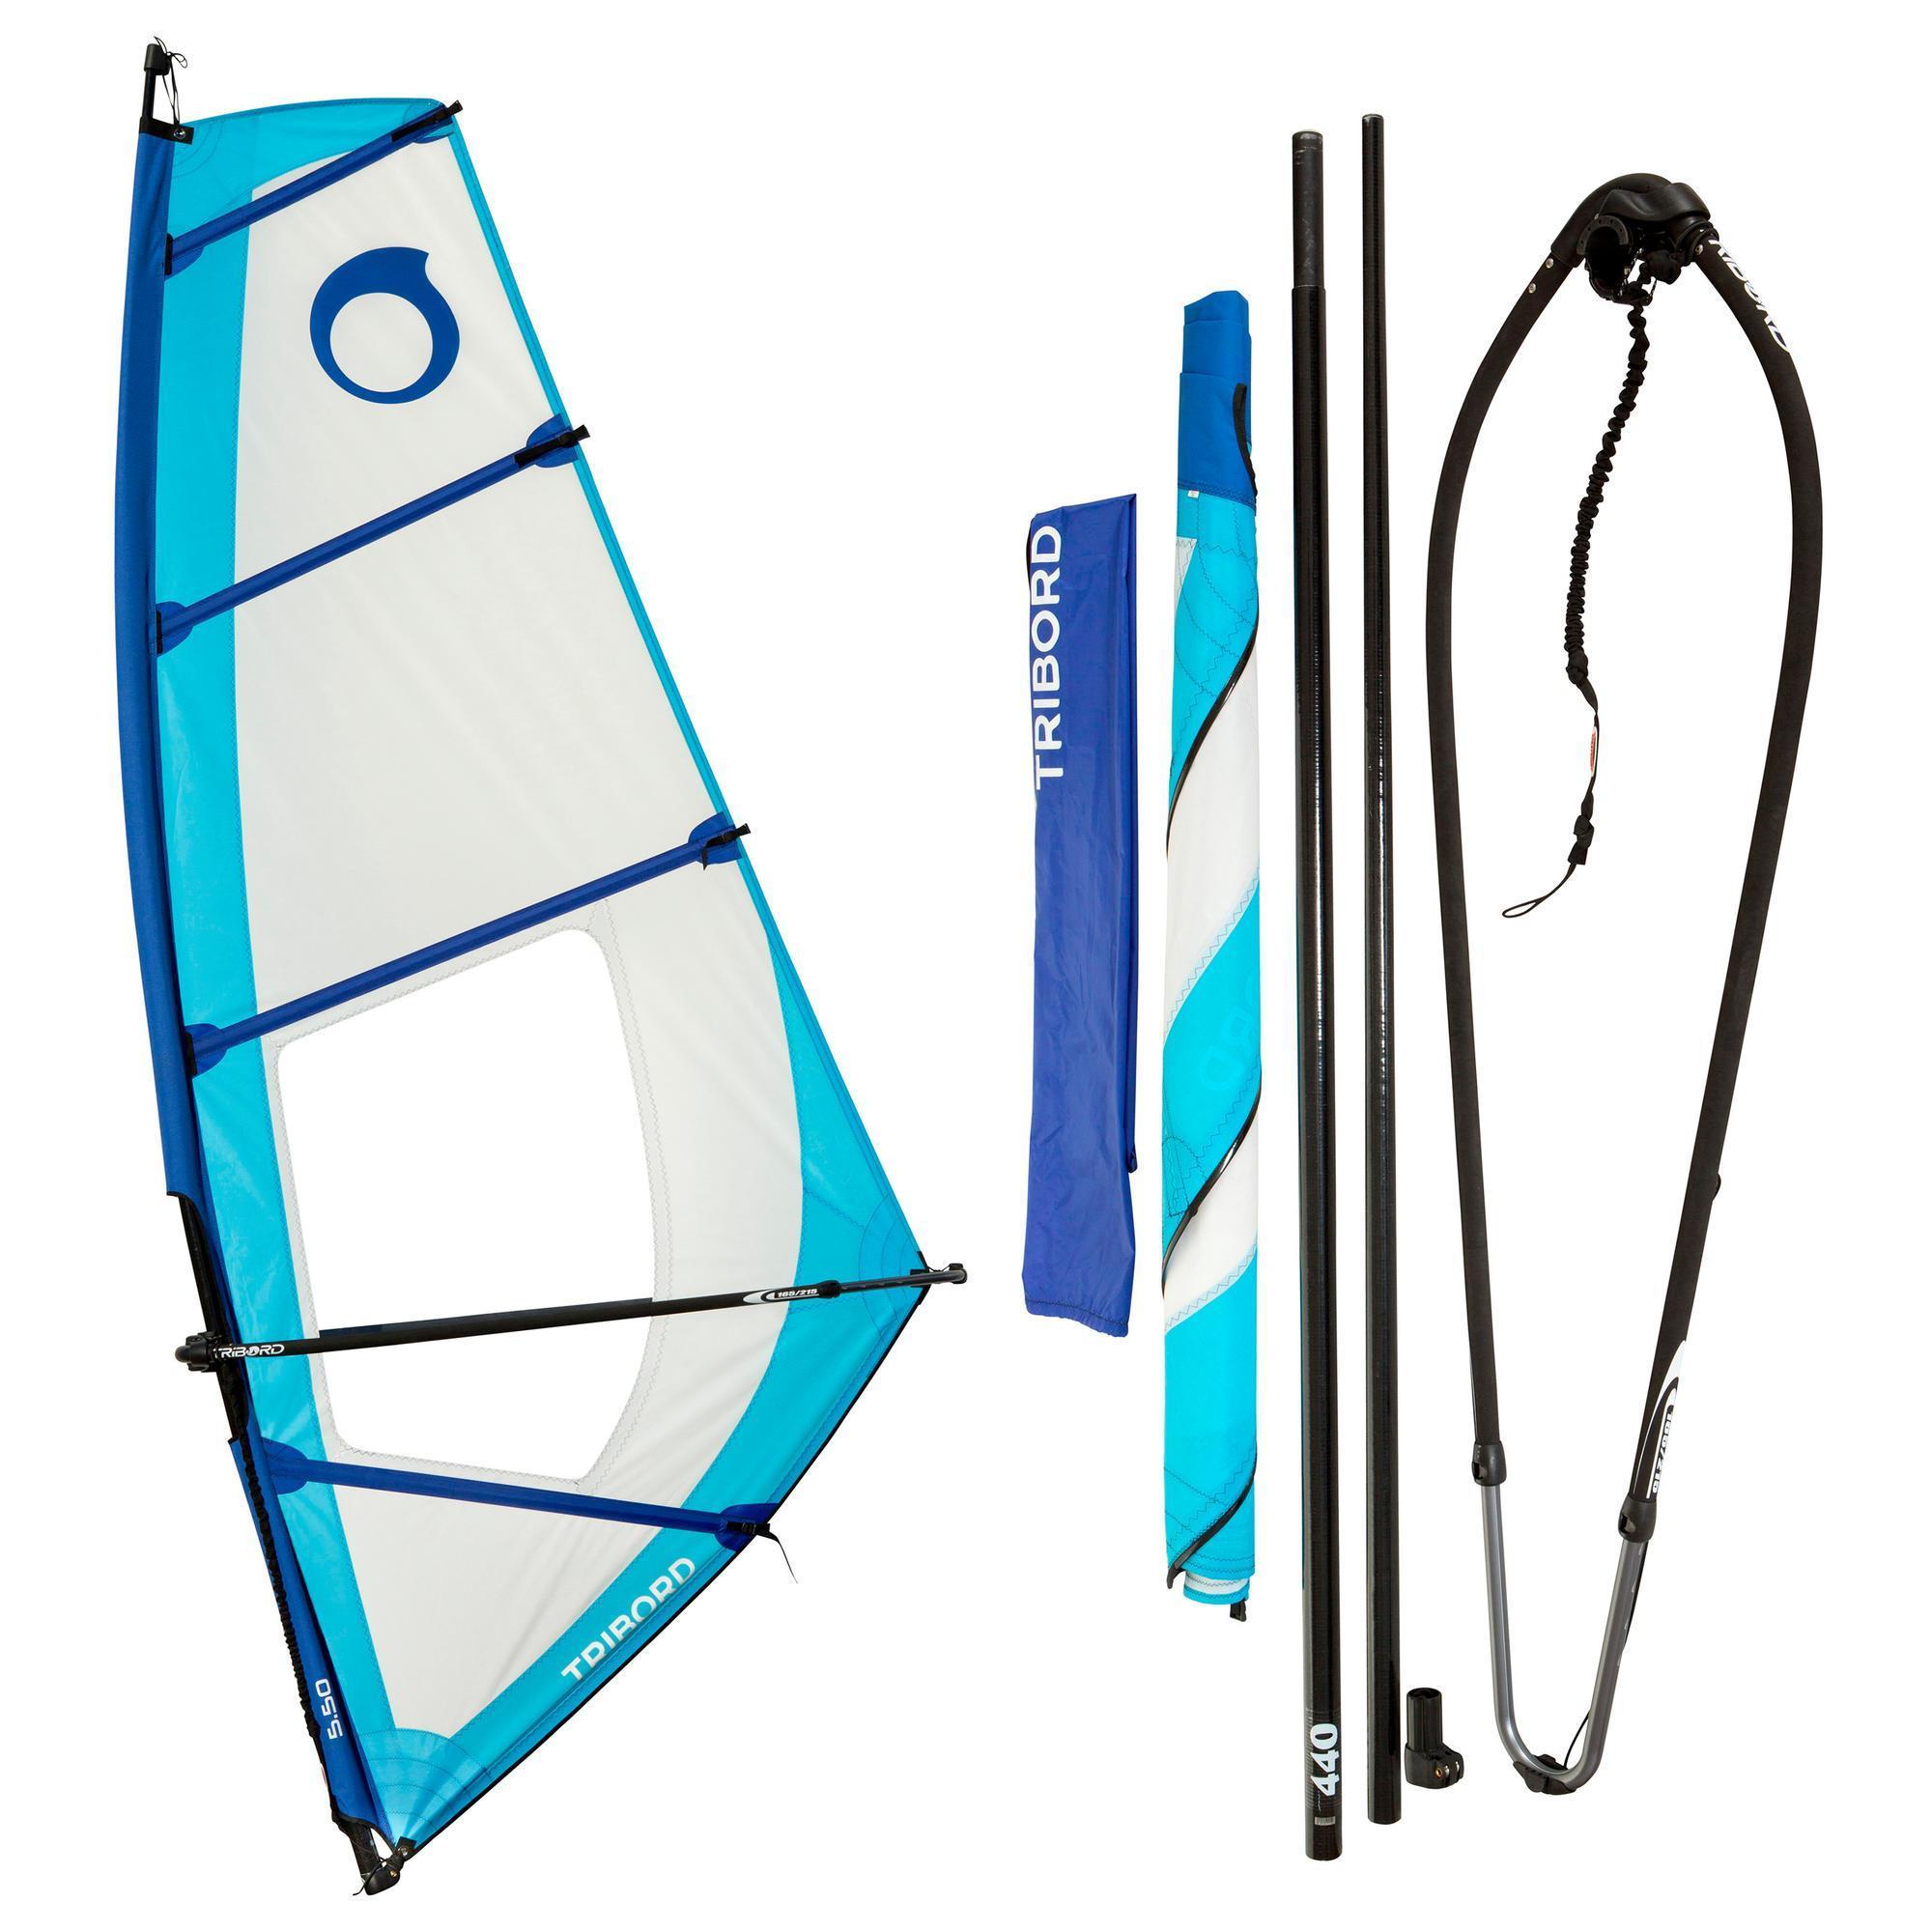 Windsurfmateriaal kopen met voordeel